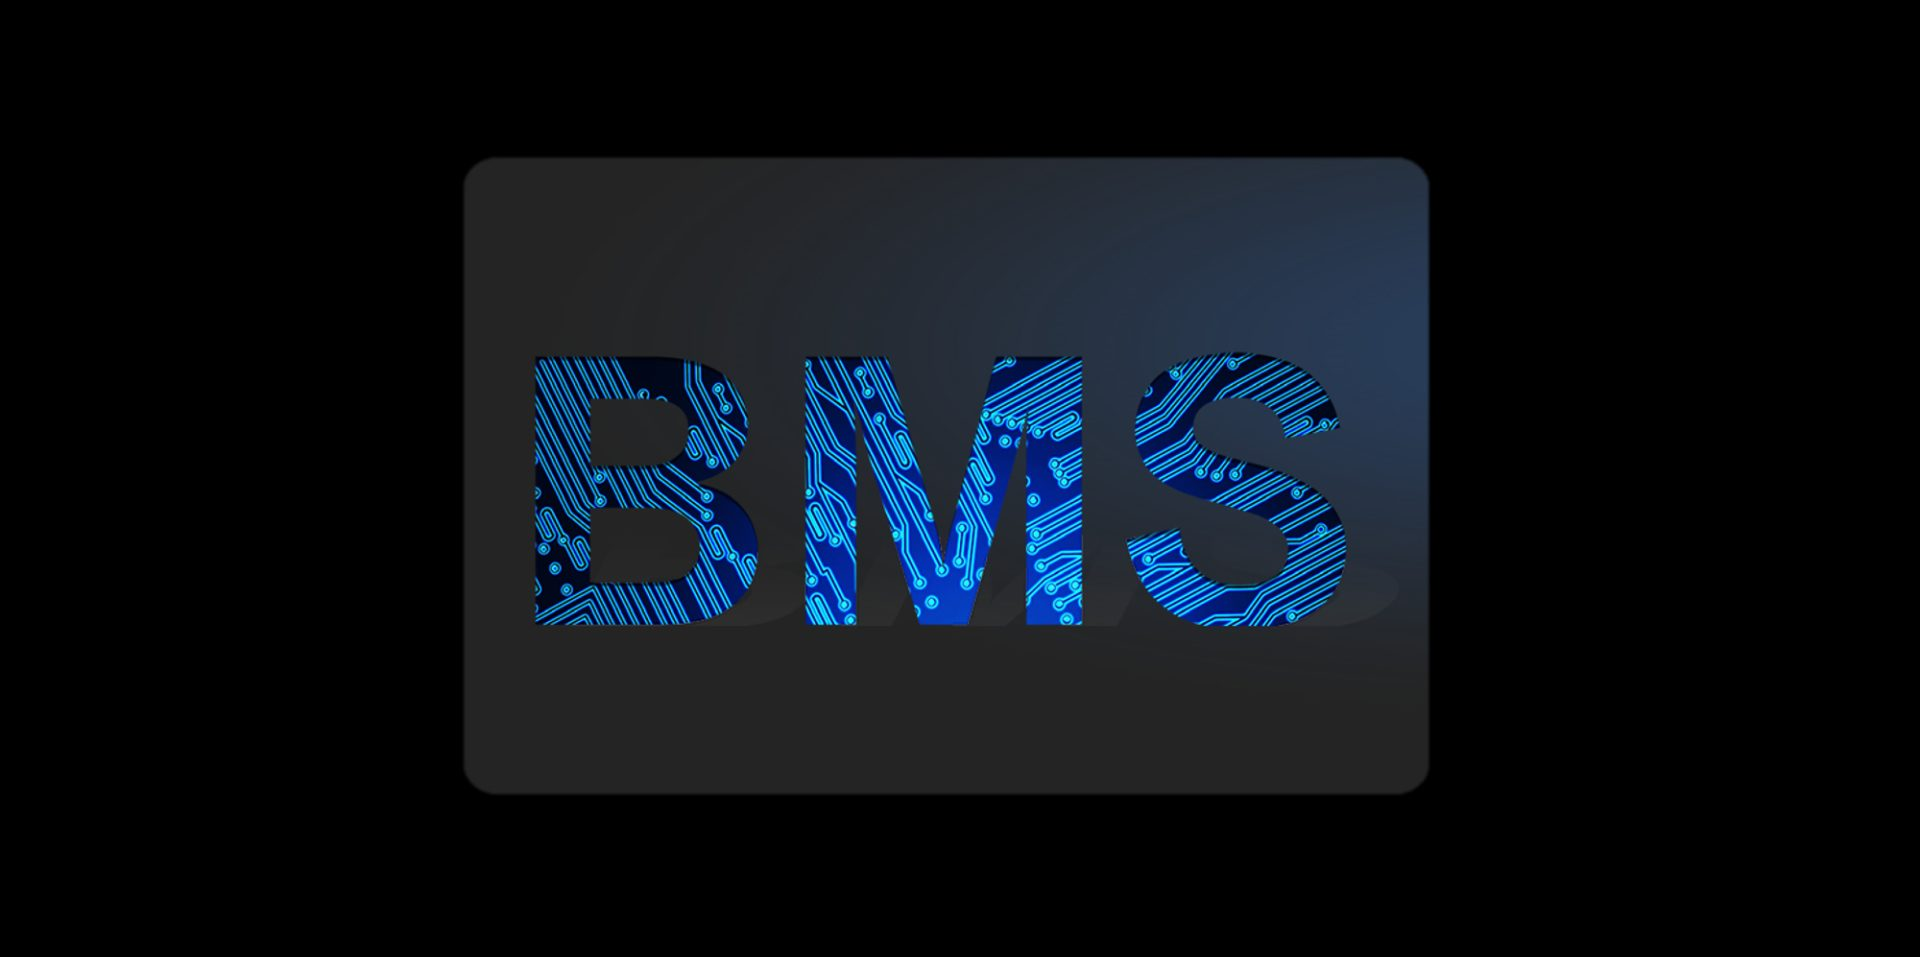 Beschermd met dubbele BMS-veiligheidstechnologie